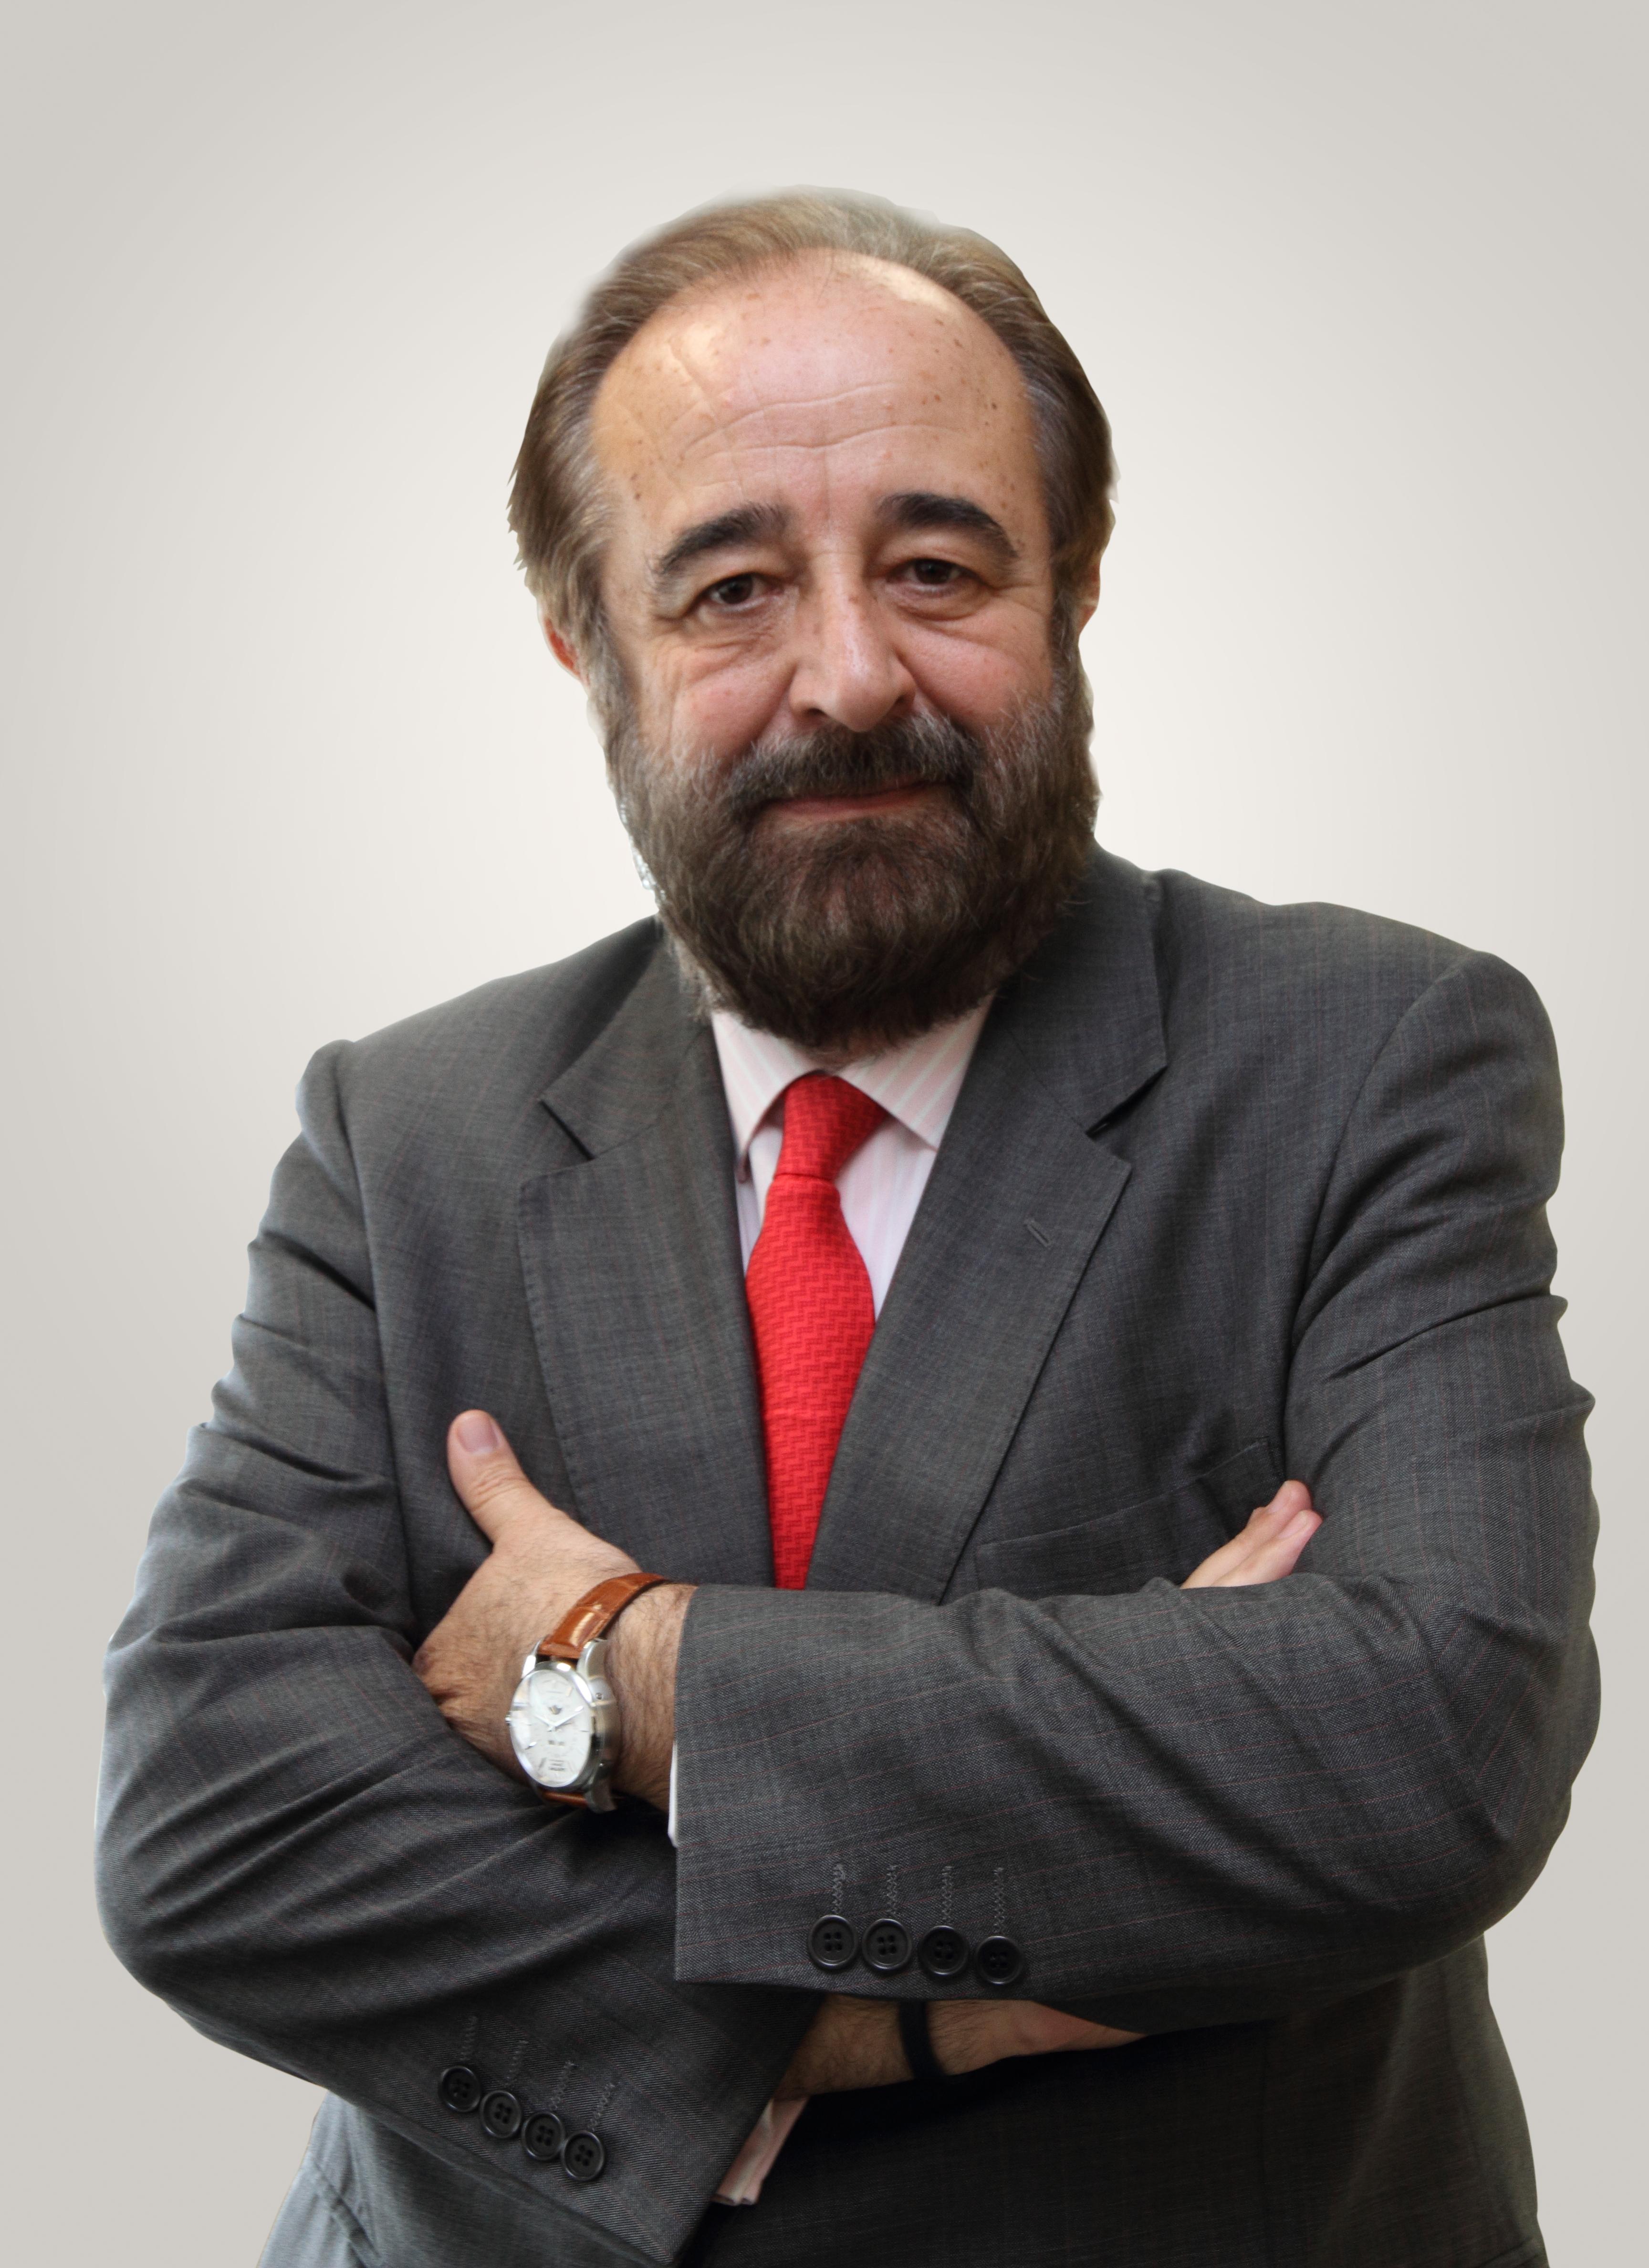 Entrevistamos a José Ramón Magarzo, presidente ejecutivo de Altran Iberia